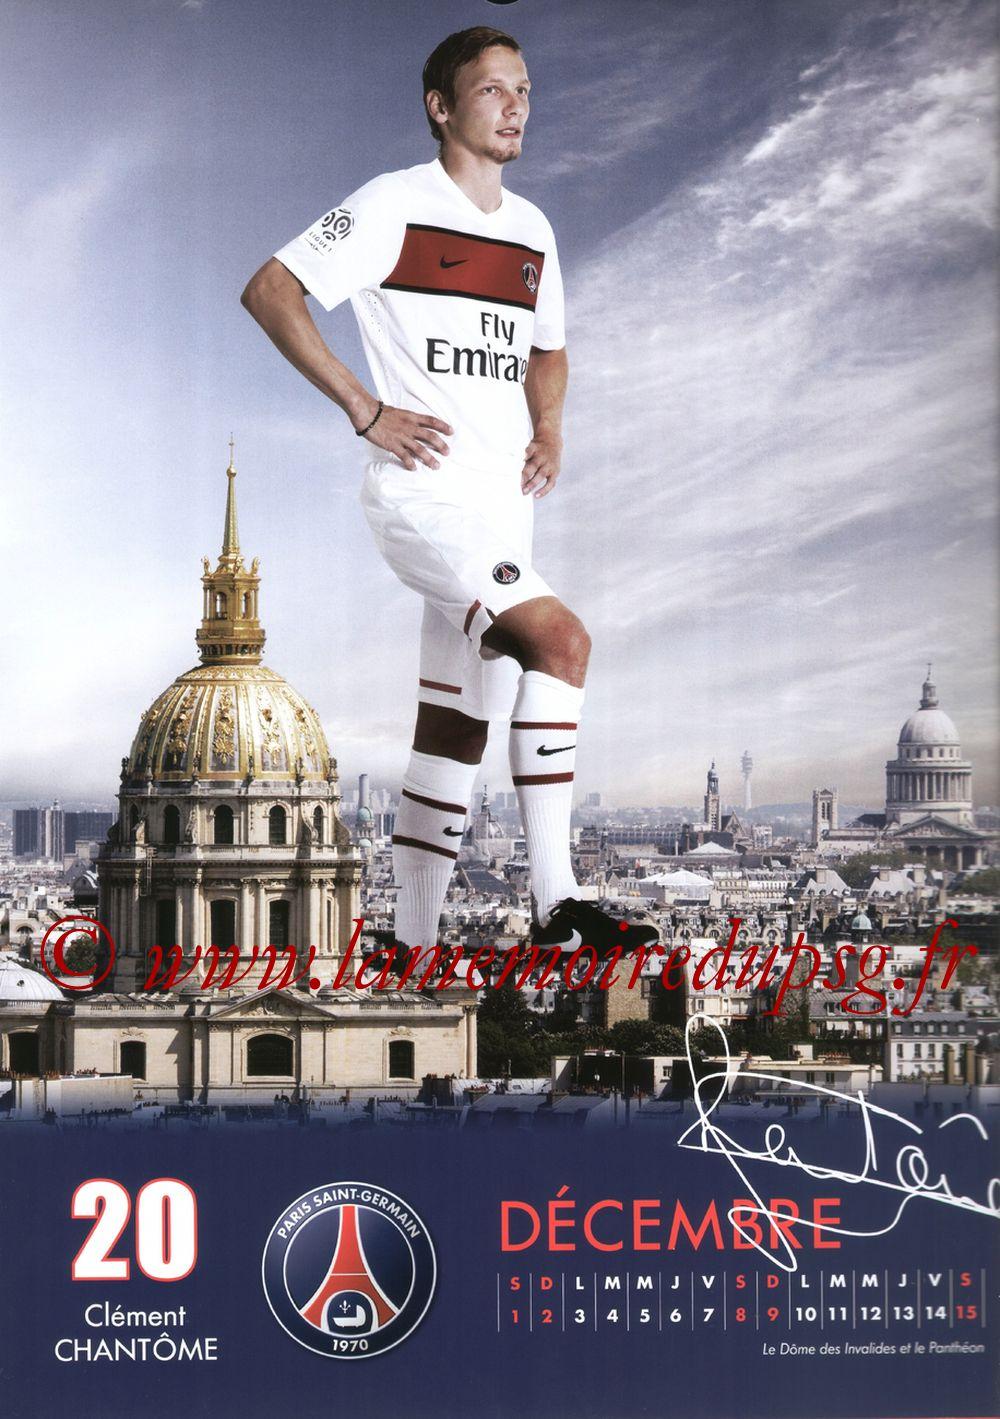 Calendrier PSG 2012 - Page 23 - Clément CHANTÔME